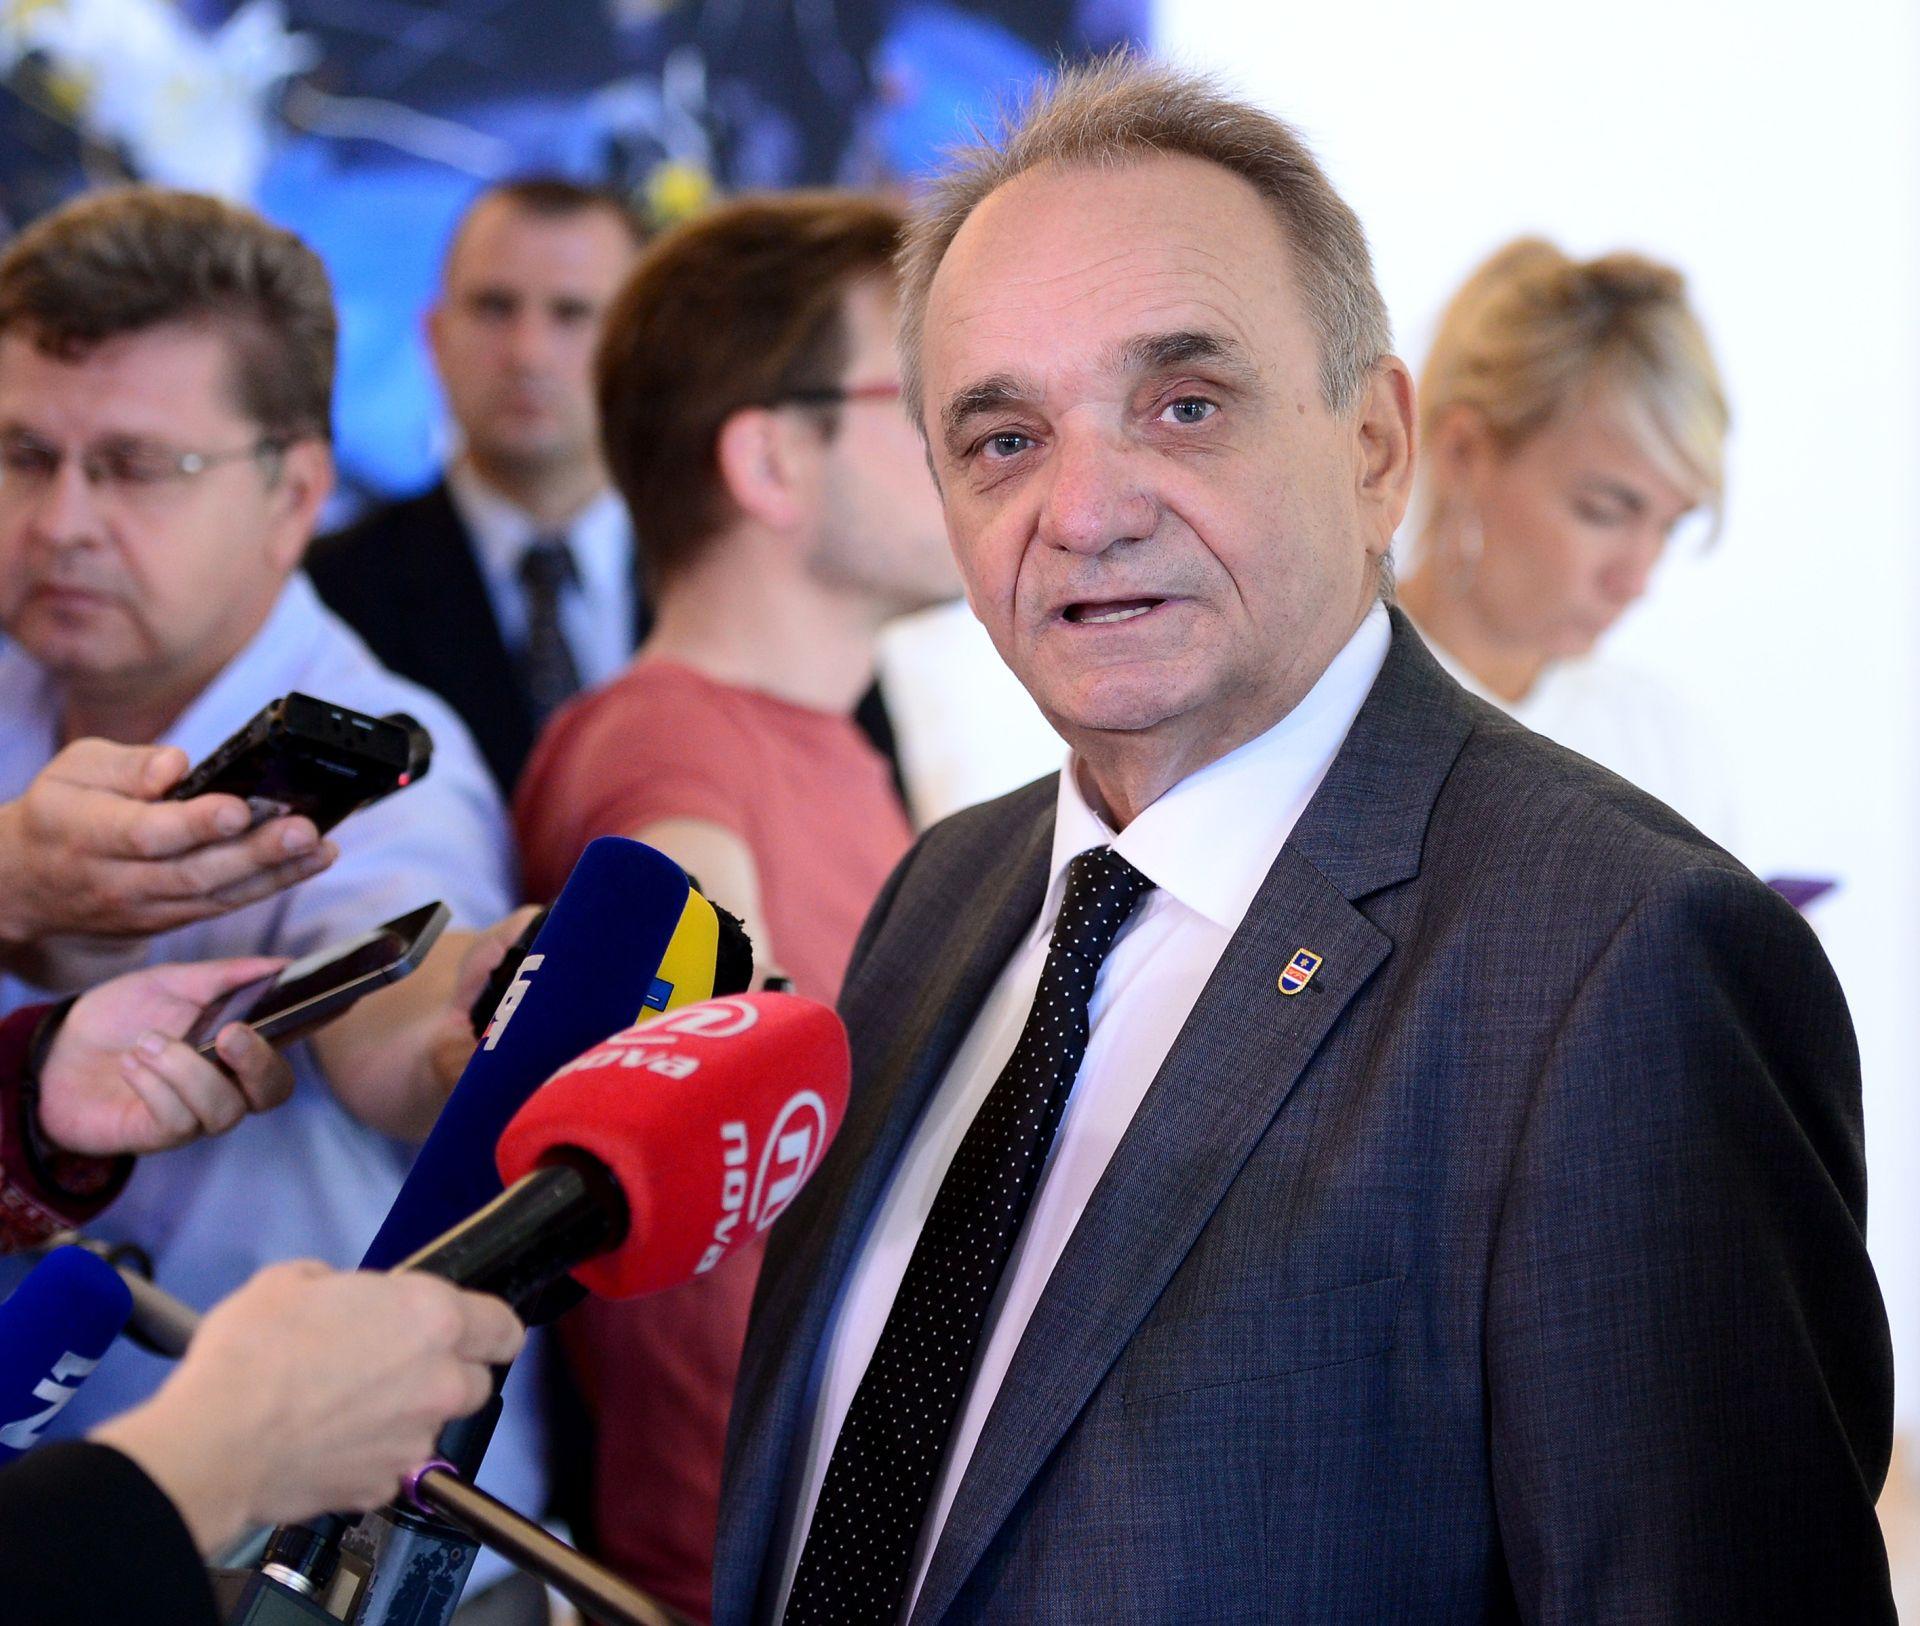 Sud u Strasborgu ustrvdio da je Branimir Glavaš zlouporabio pravo na tužbu